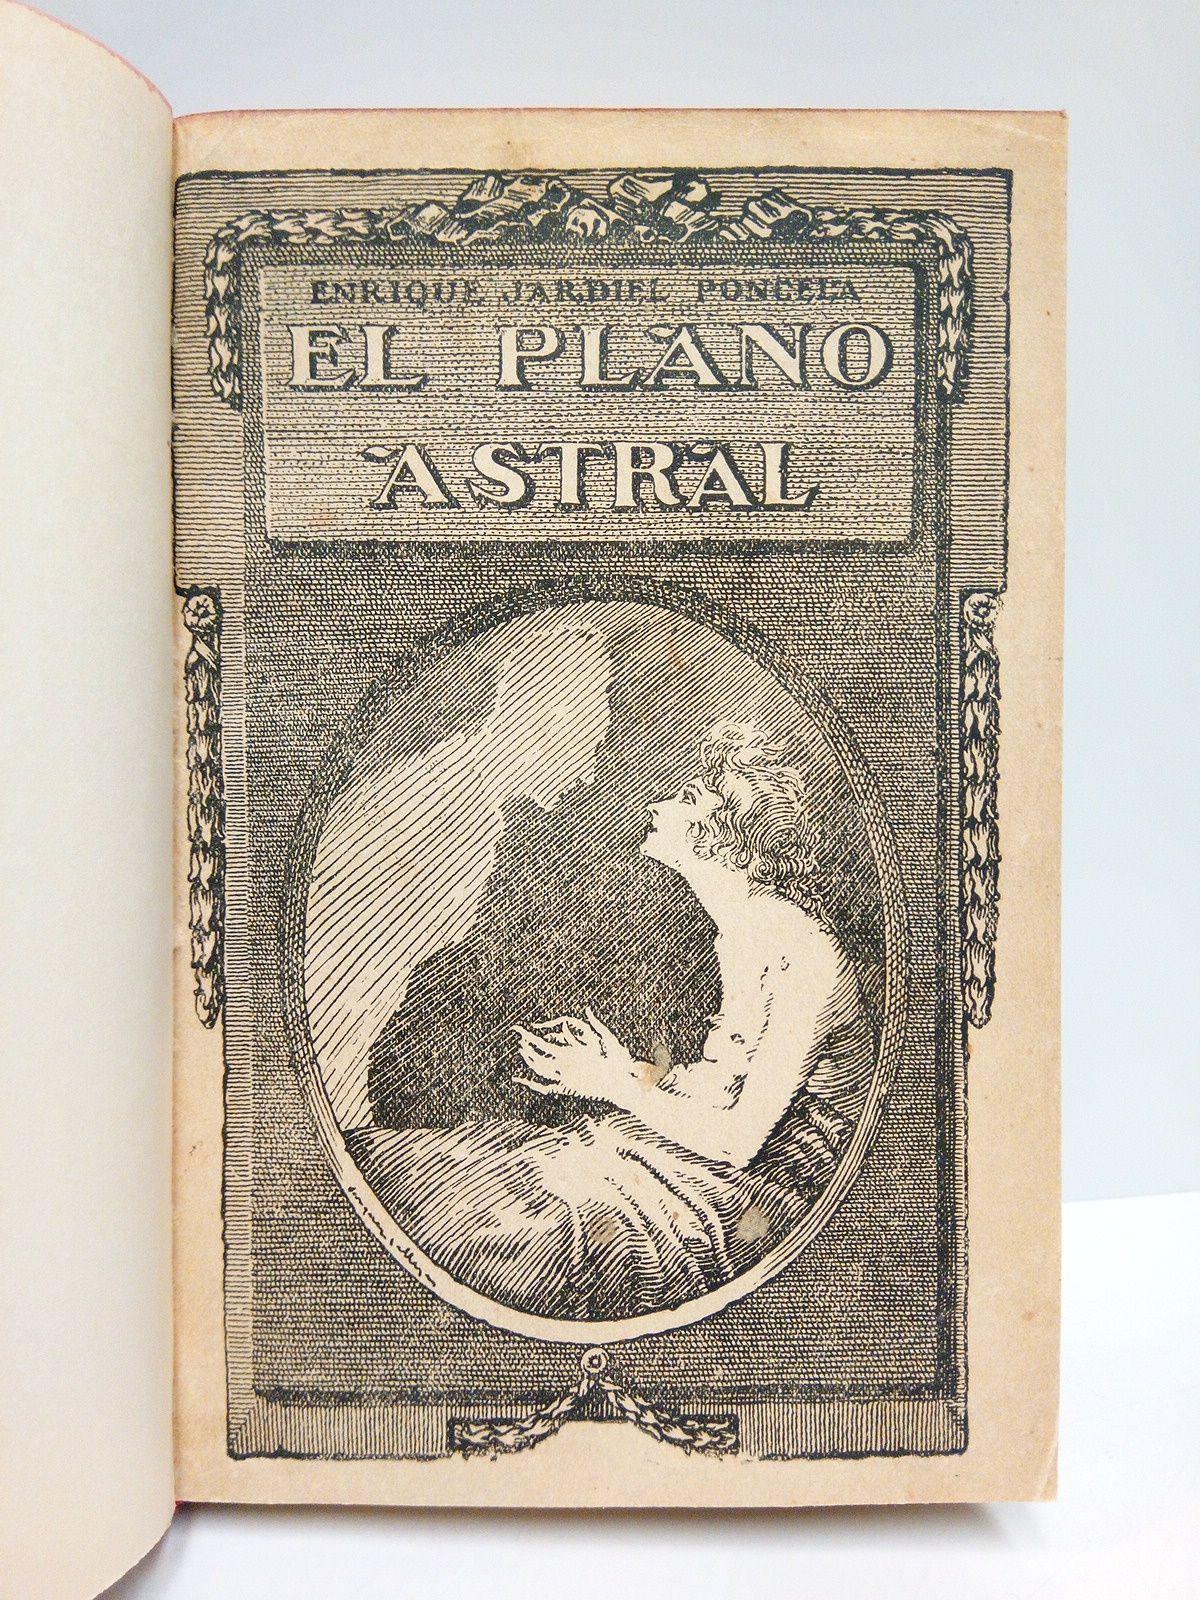 El Plano Astral: revelaciones del más allá (Novela recomendada en primer lugar por el Jurado del Concurso de Novelas Cortas, organizado por el Círculo de Bellas Artes) /  Ilustraciones de Vázquez Calleja